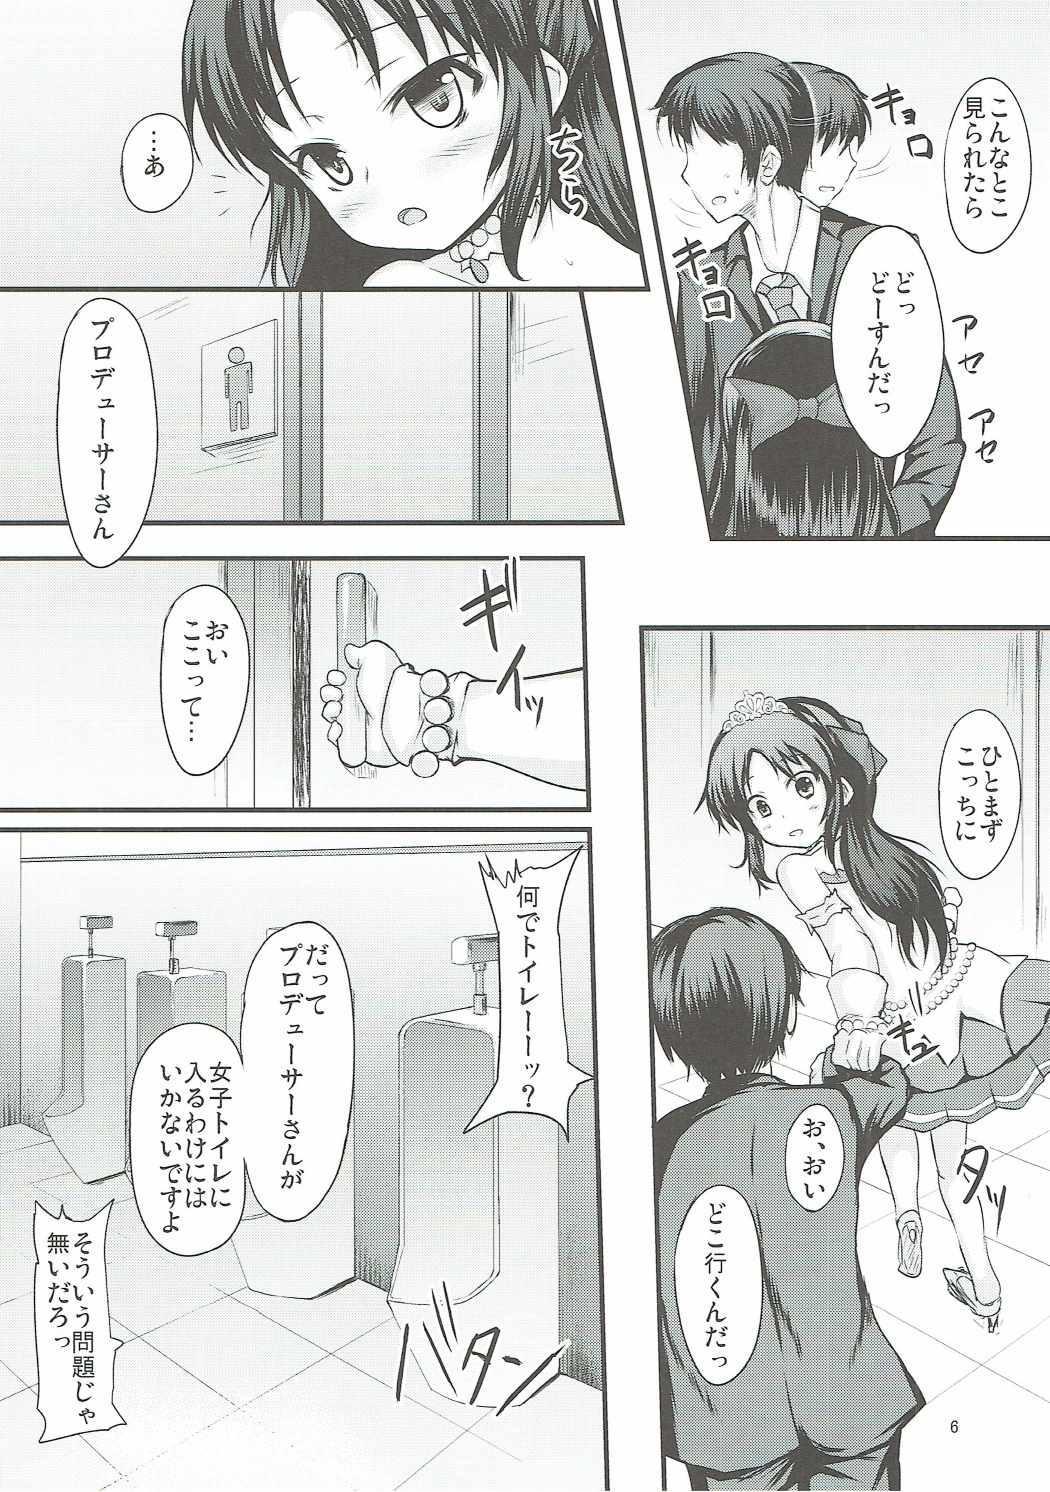 Arisu wa Motto Shiritain desu 4